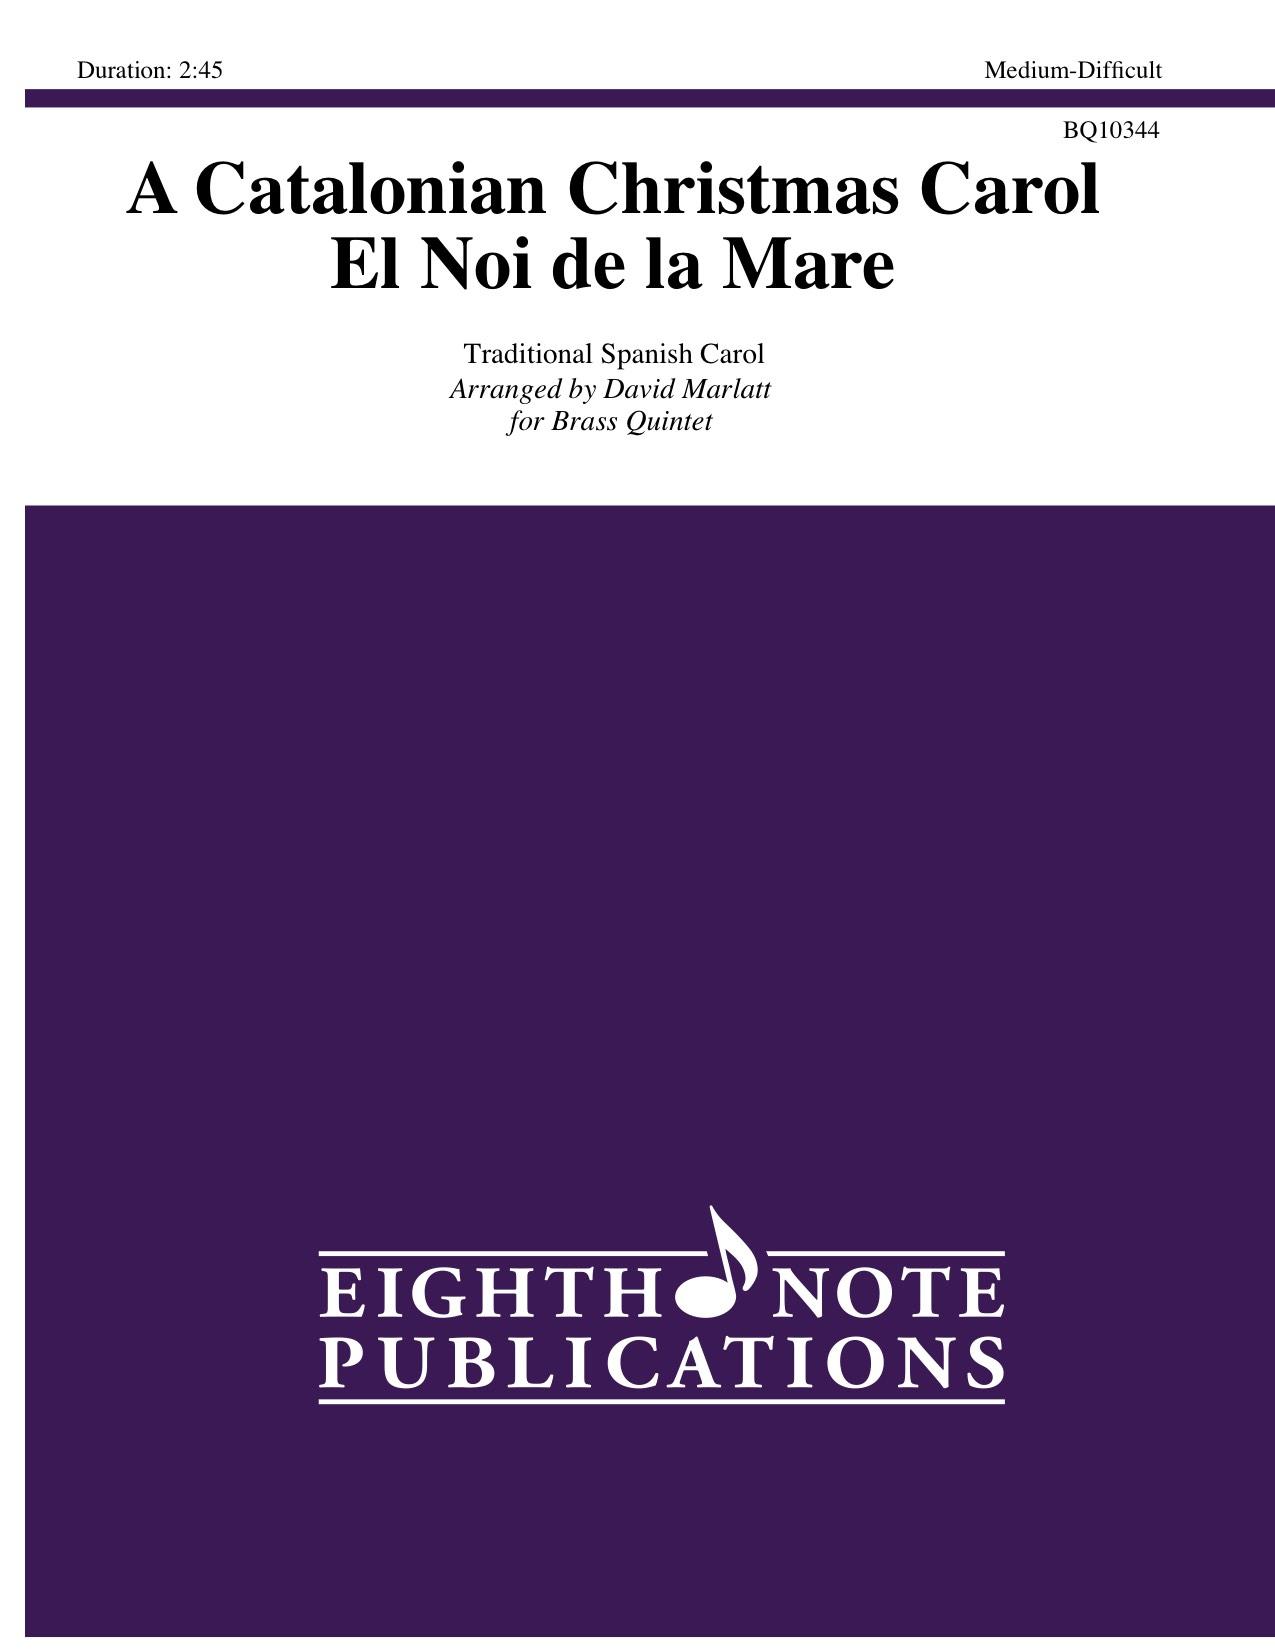 Catalonian Christmas Carol, A - El Noi de la Mare -  Traditional Spanish Carol